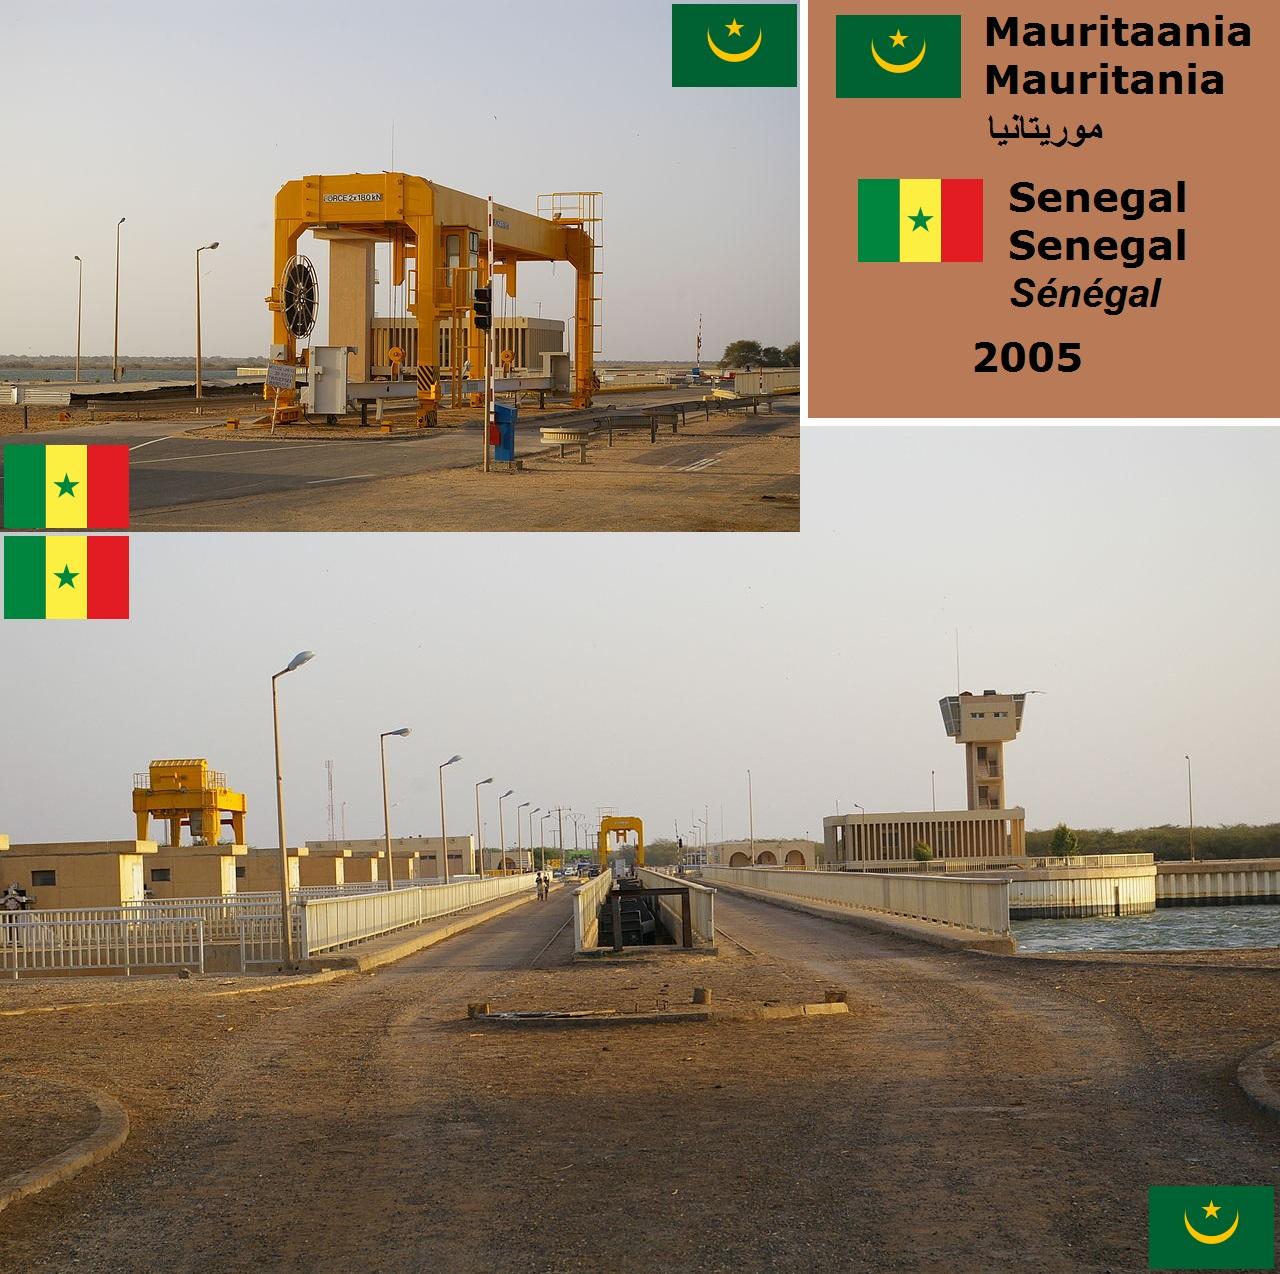 http://1.bp.blogspot.com/-yBn6ENM3G9w/UrQgKi9cLHI/AAAAAAAAMbs/sFcI4pR_6_U/s1600/CONFINE+Mauritania-Senegal1.jpg